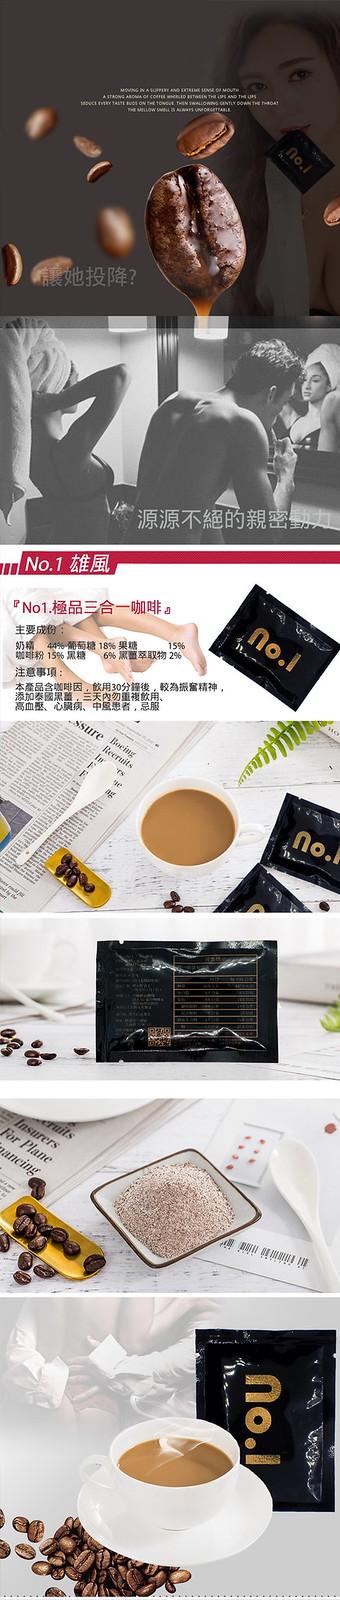 NO1咖啡文案